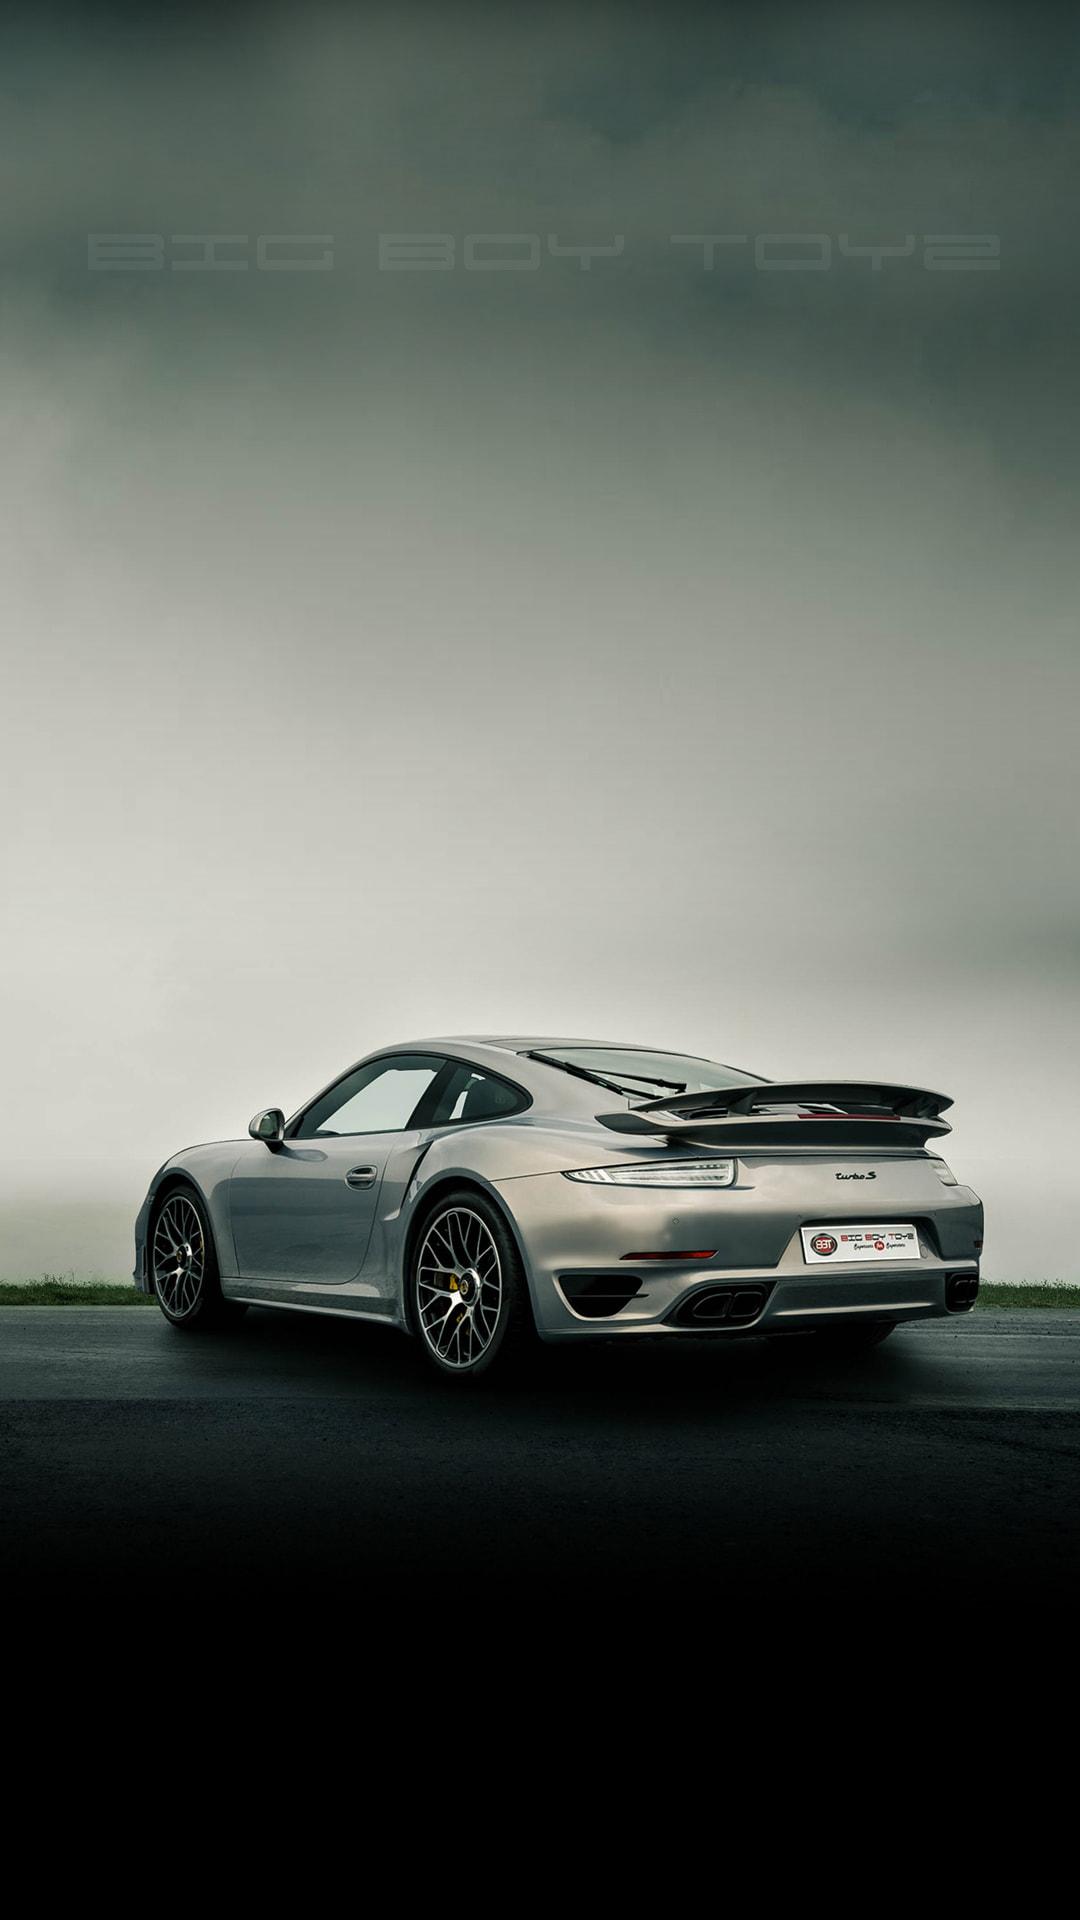 Porsche Iphone Wallpaper Posted By Ethan Mercado